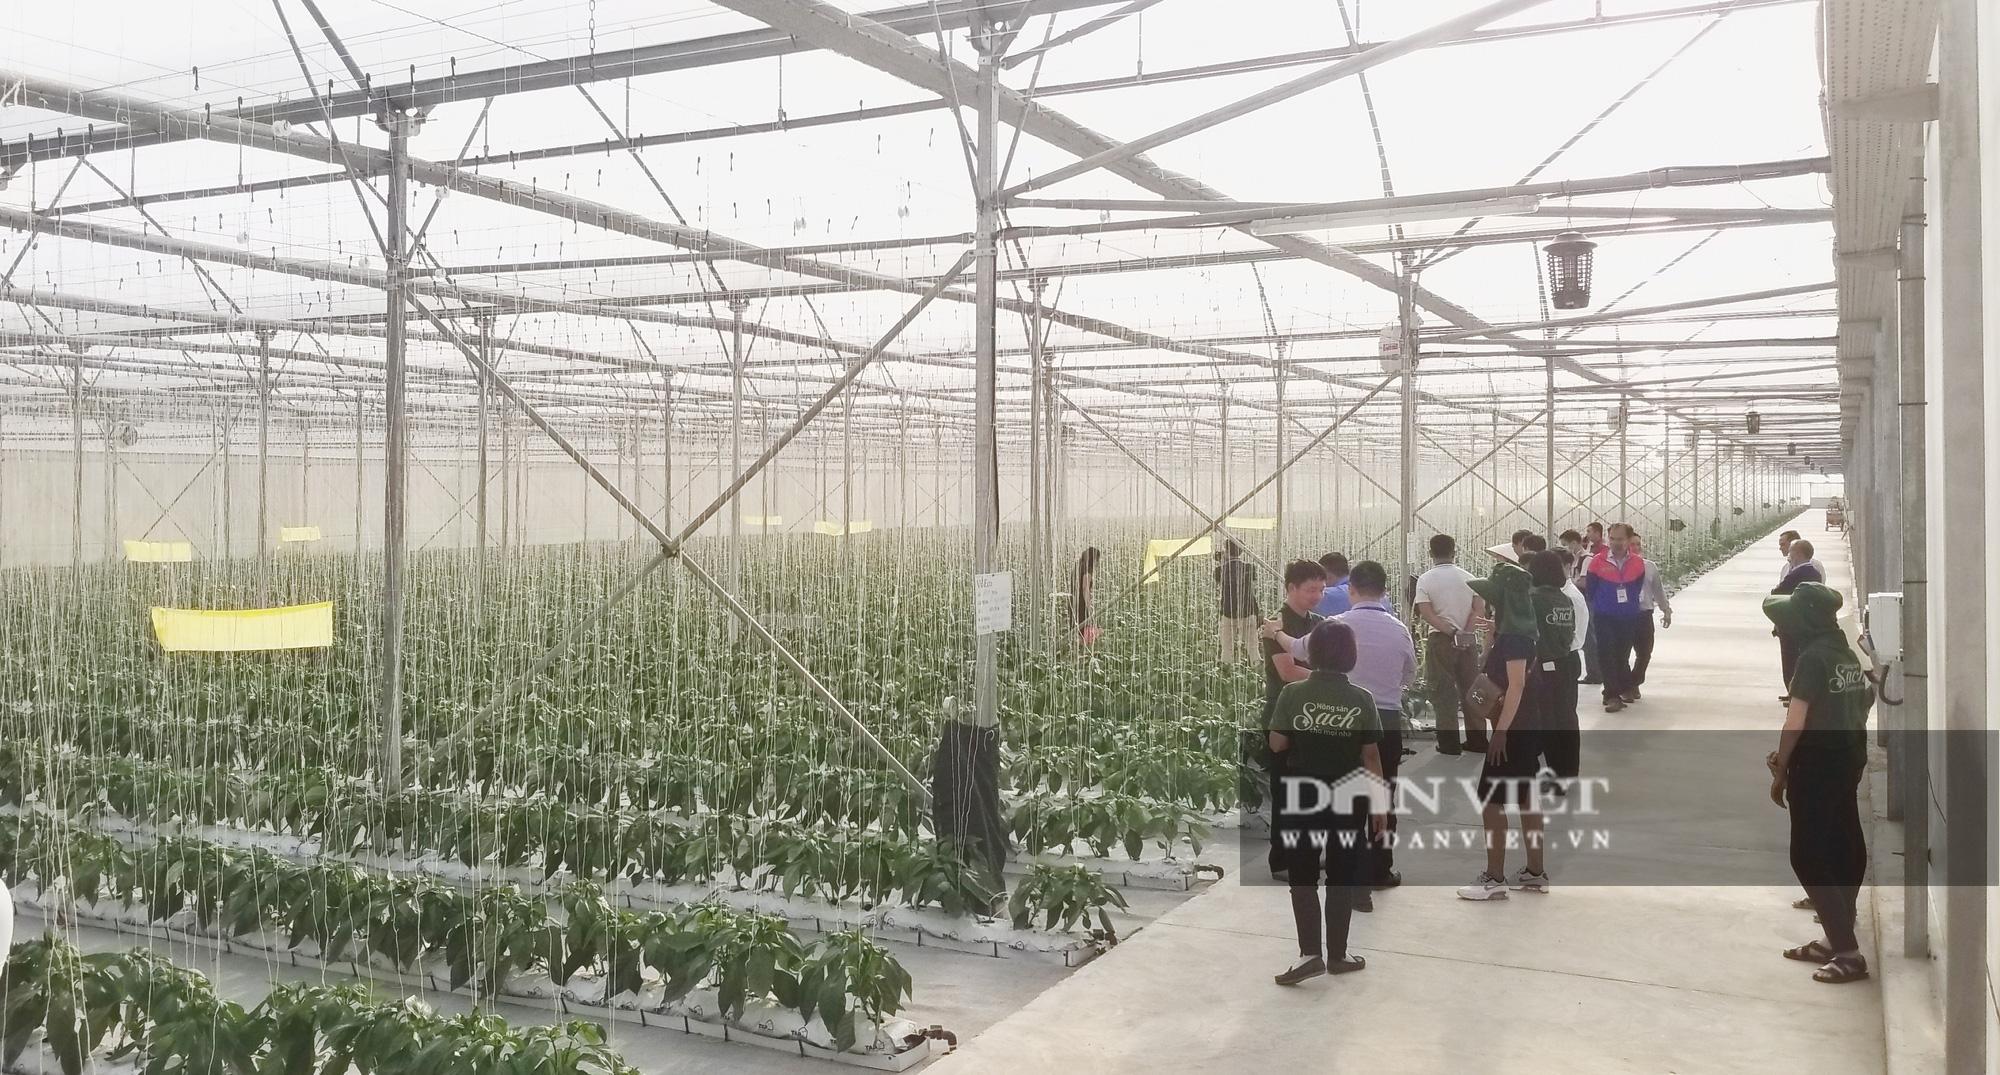 """Nông dân xuất sắc đã mắt ngắm hệ thống điều hòa khí hậu """"khổng lồ"""" để chăm sóc rau của VinEco - Ảnh 3."""